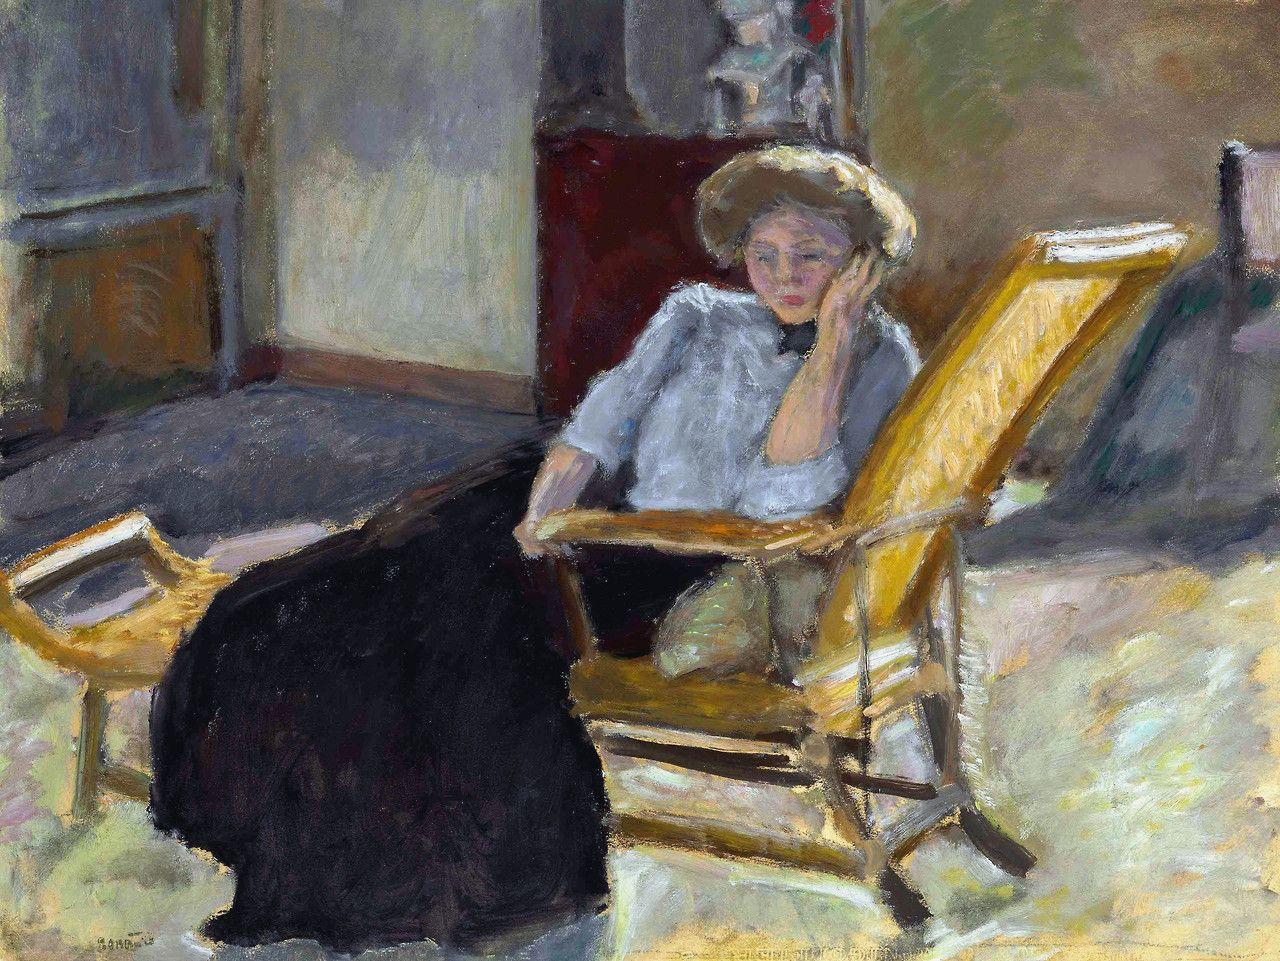 lawrenceleemagnuson pierre bonnard france 1867 1947 jeune femme assise sur une chaise. Black Bedroom Furniture Sets. Home Design Ideas